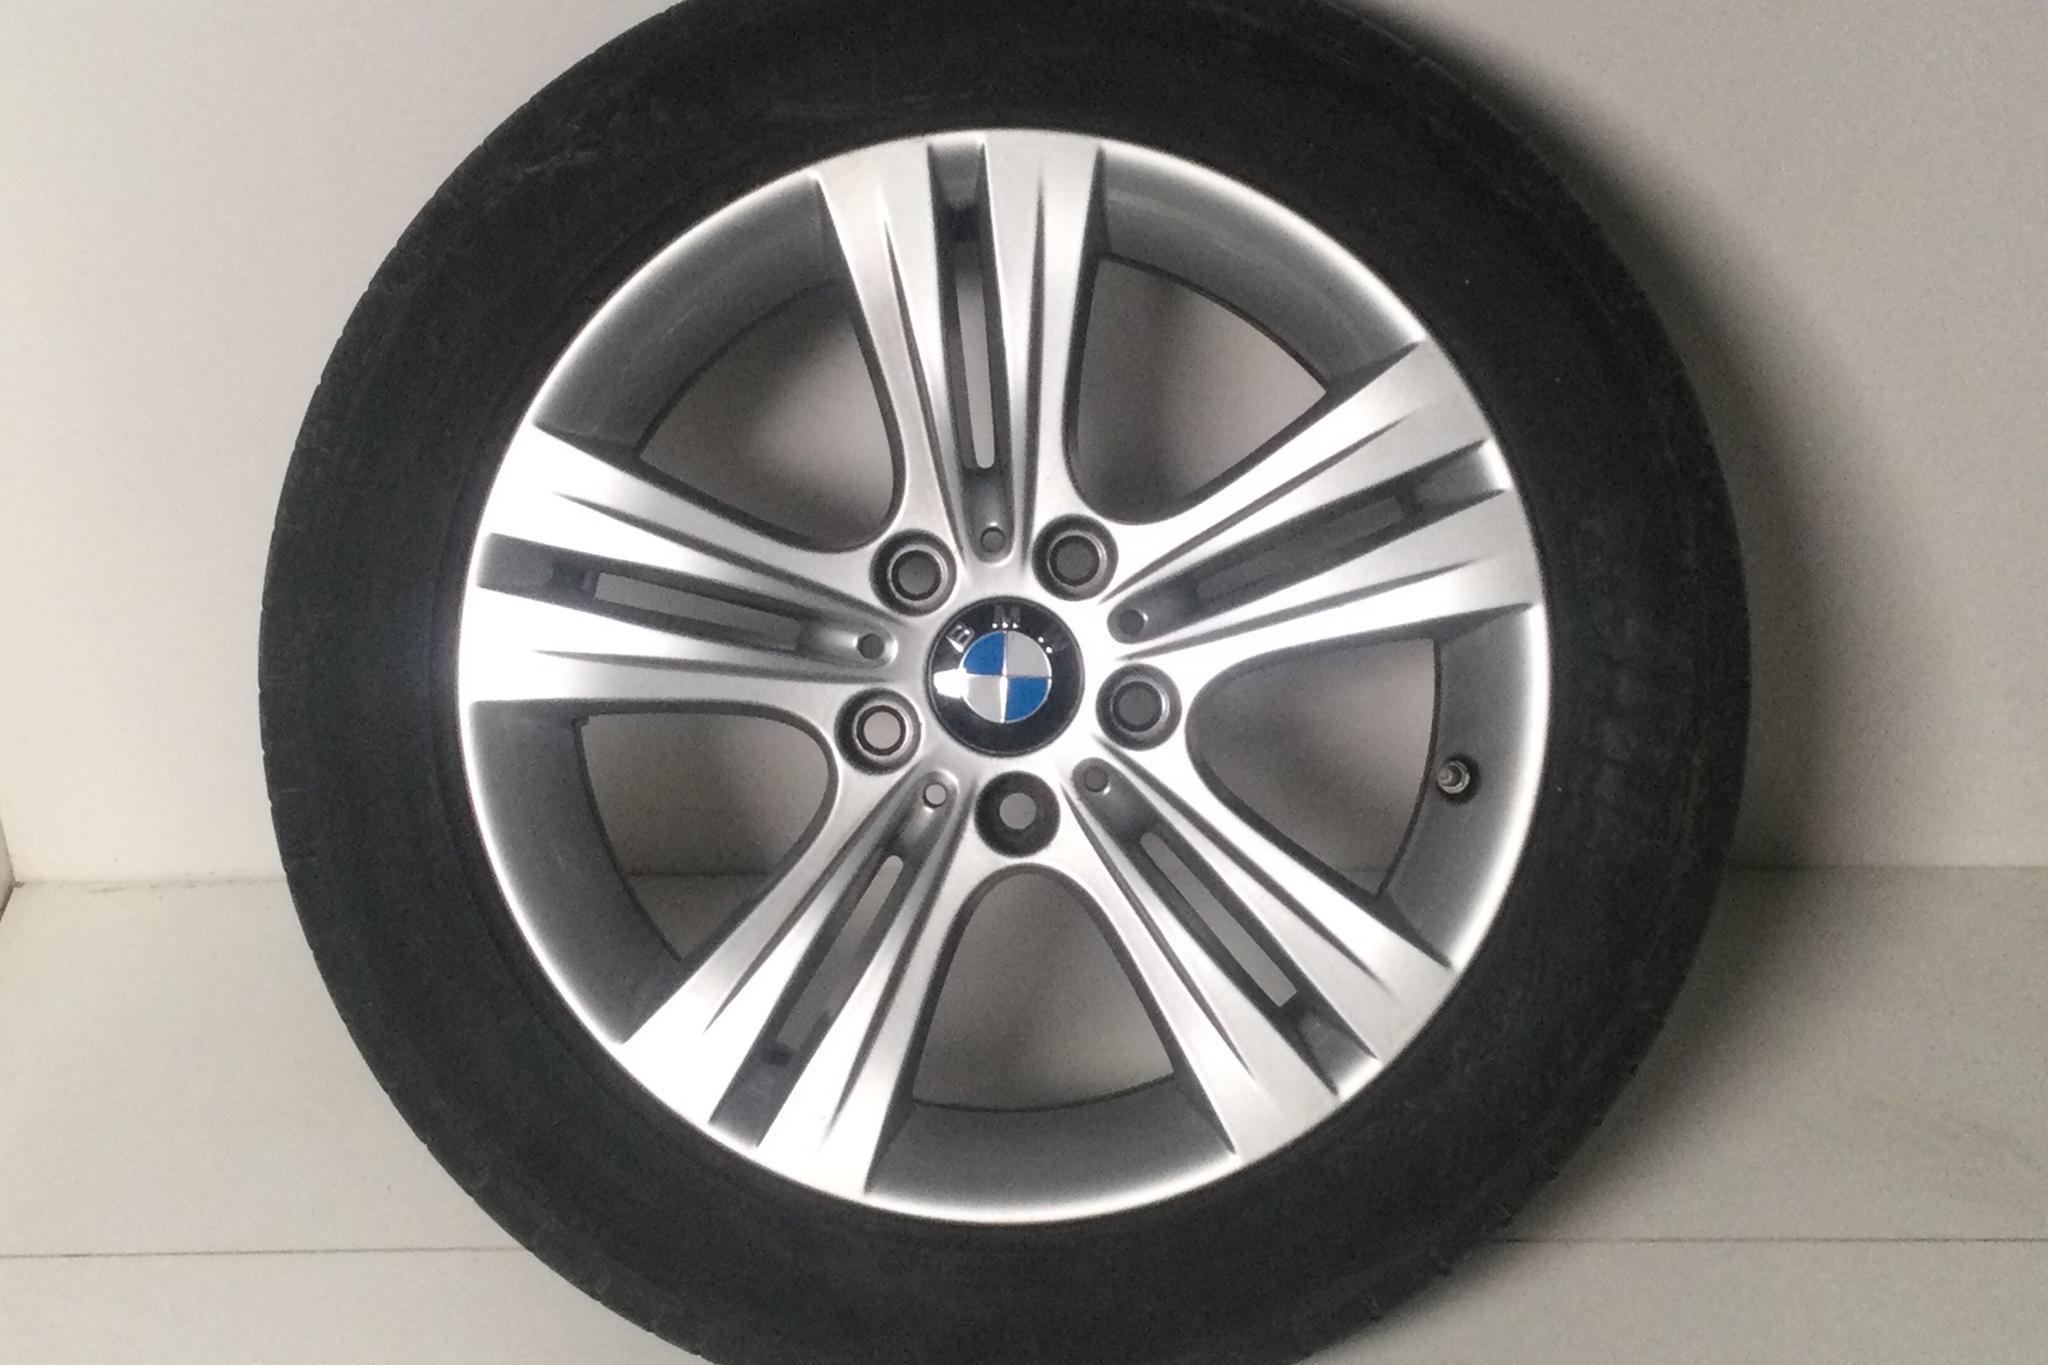 BMW 320d xDrive Touring, F31 (190hk) - 4 867 mil - Manuell - svart - 2017